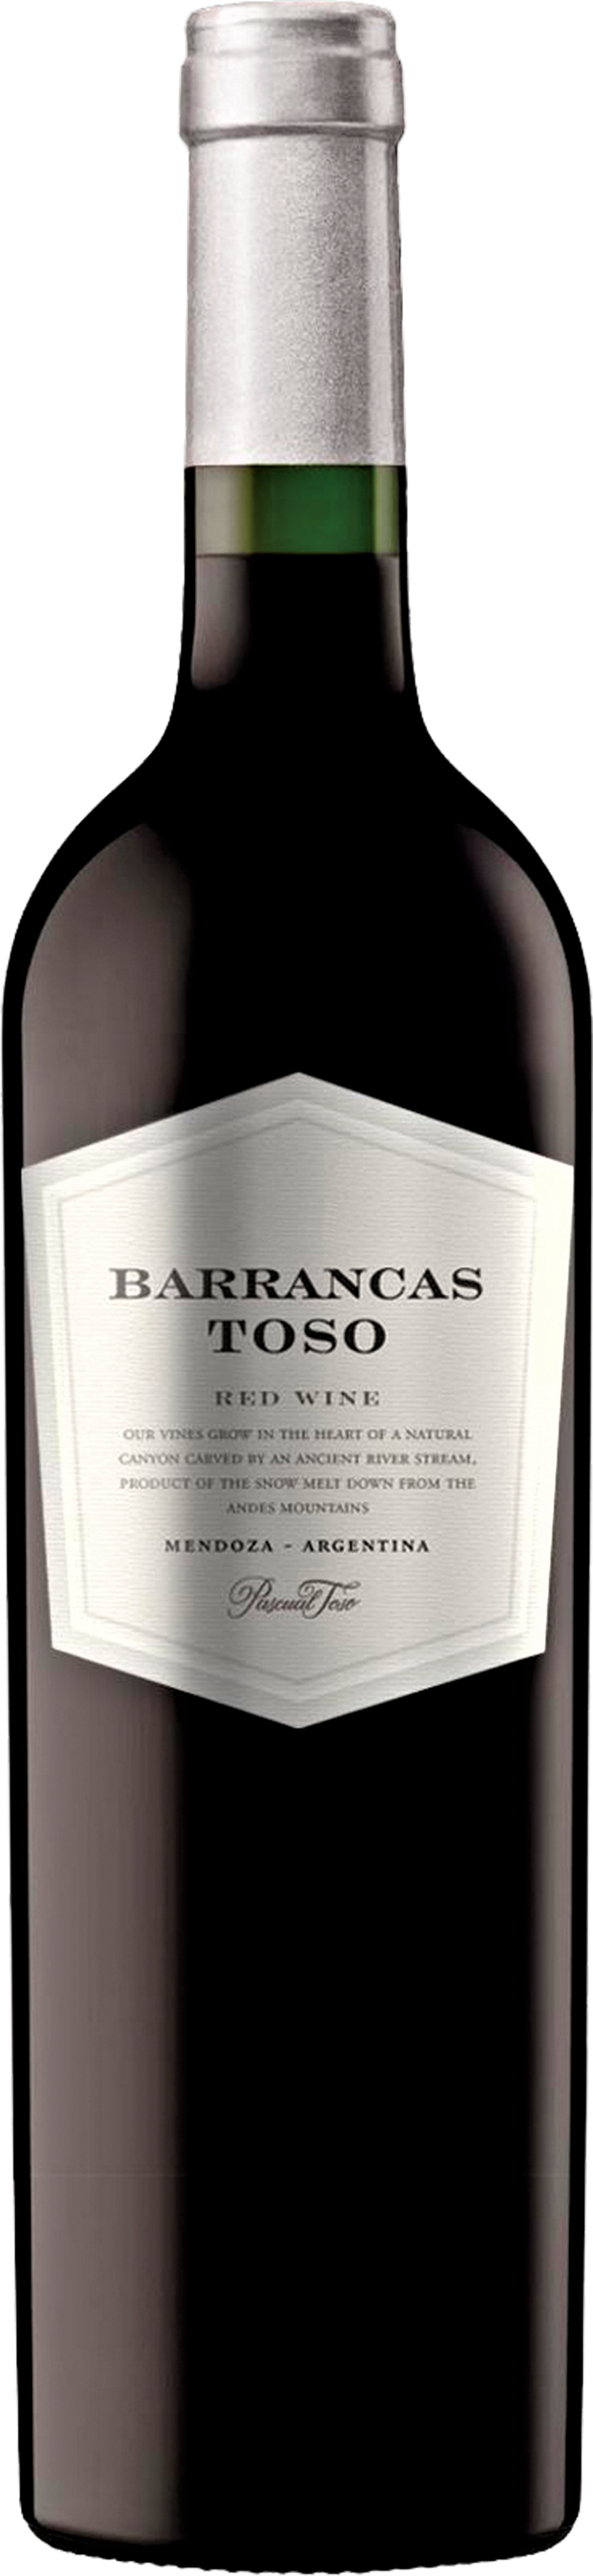 Bodega Pascual Toso - Barrancas - 2015